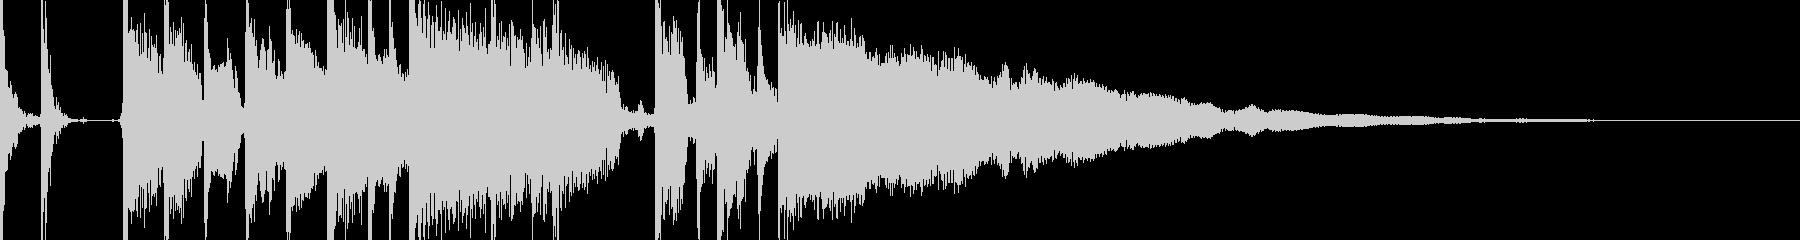 オシャレ エレキギター ジングル10秒の未再生の波形